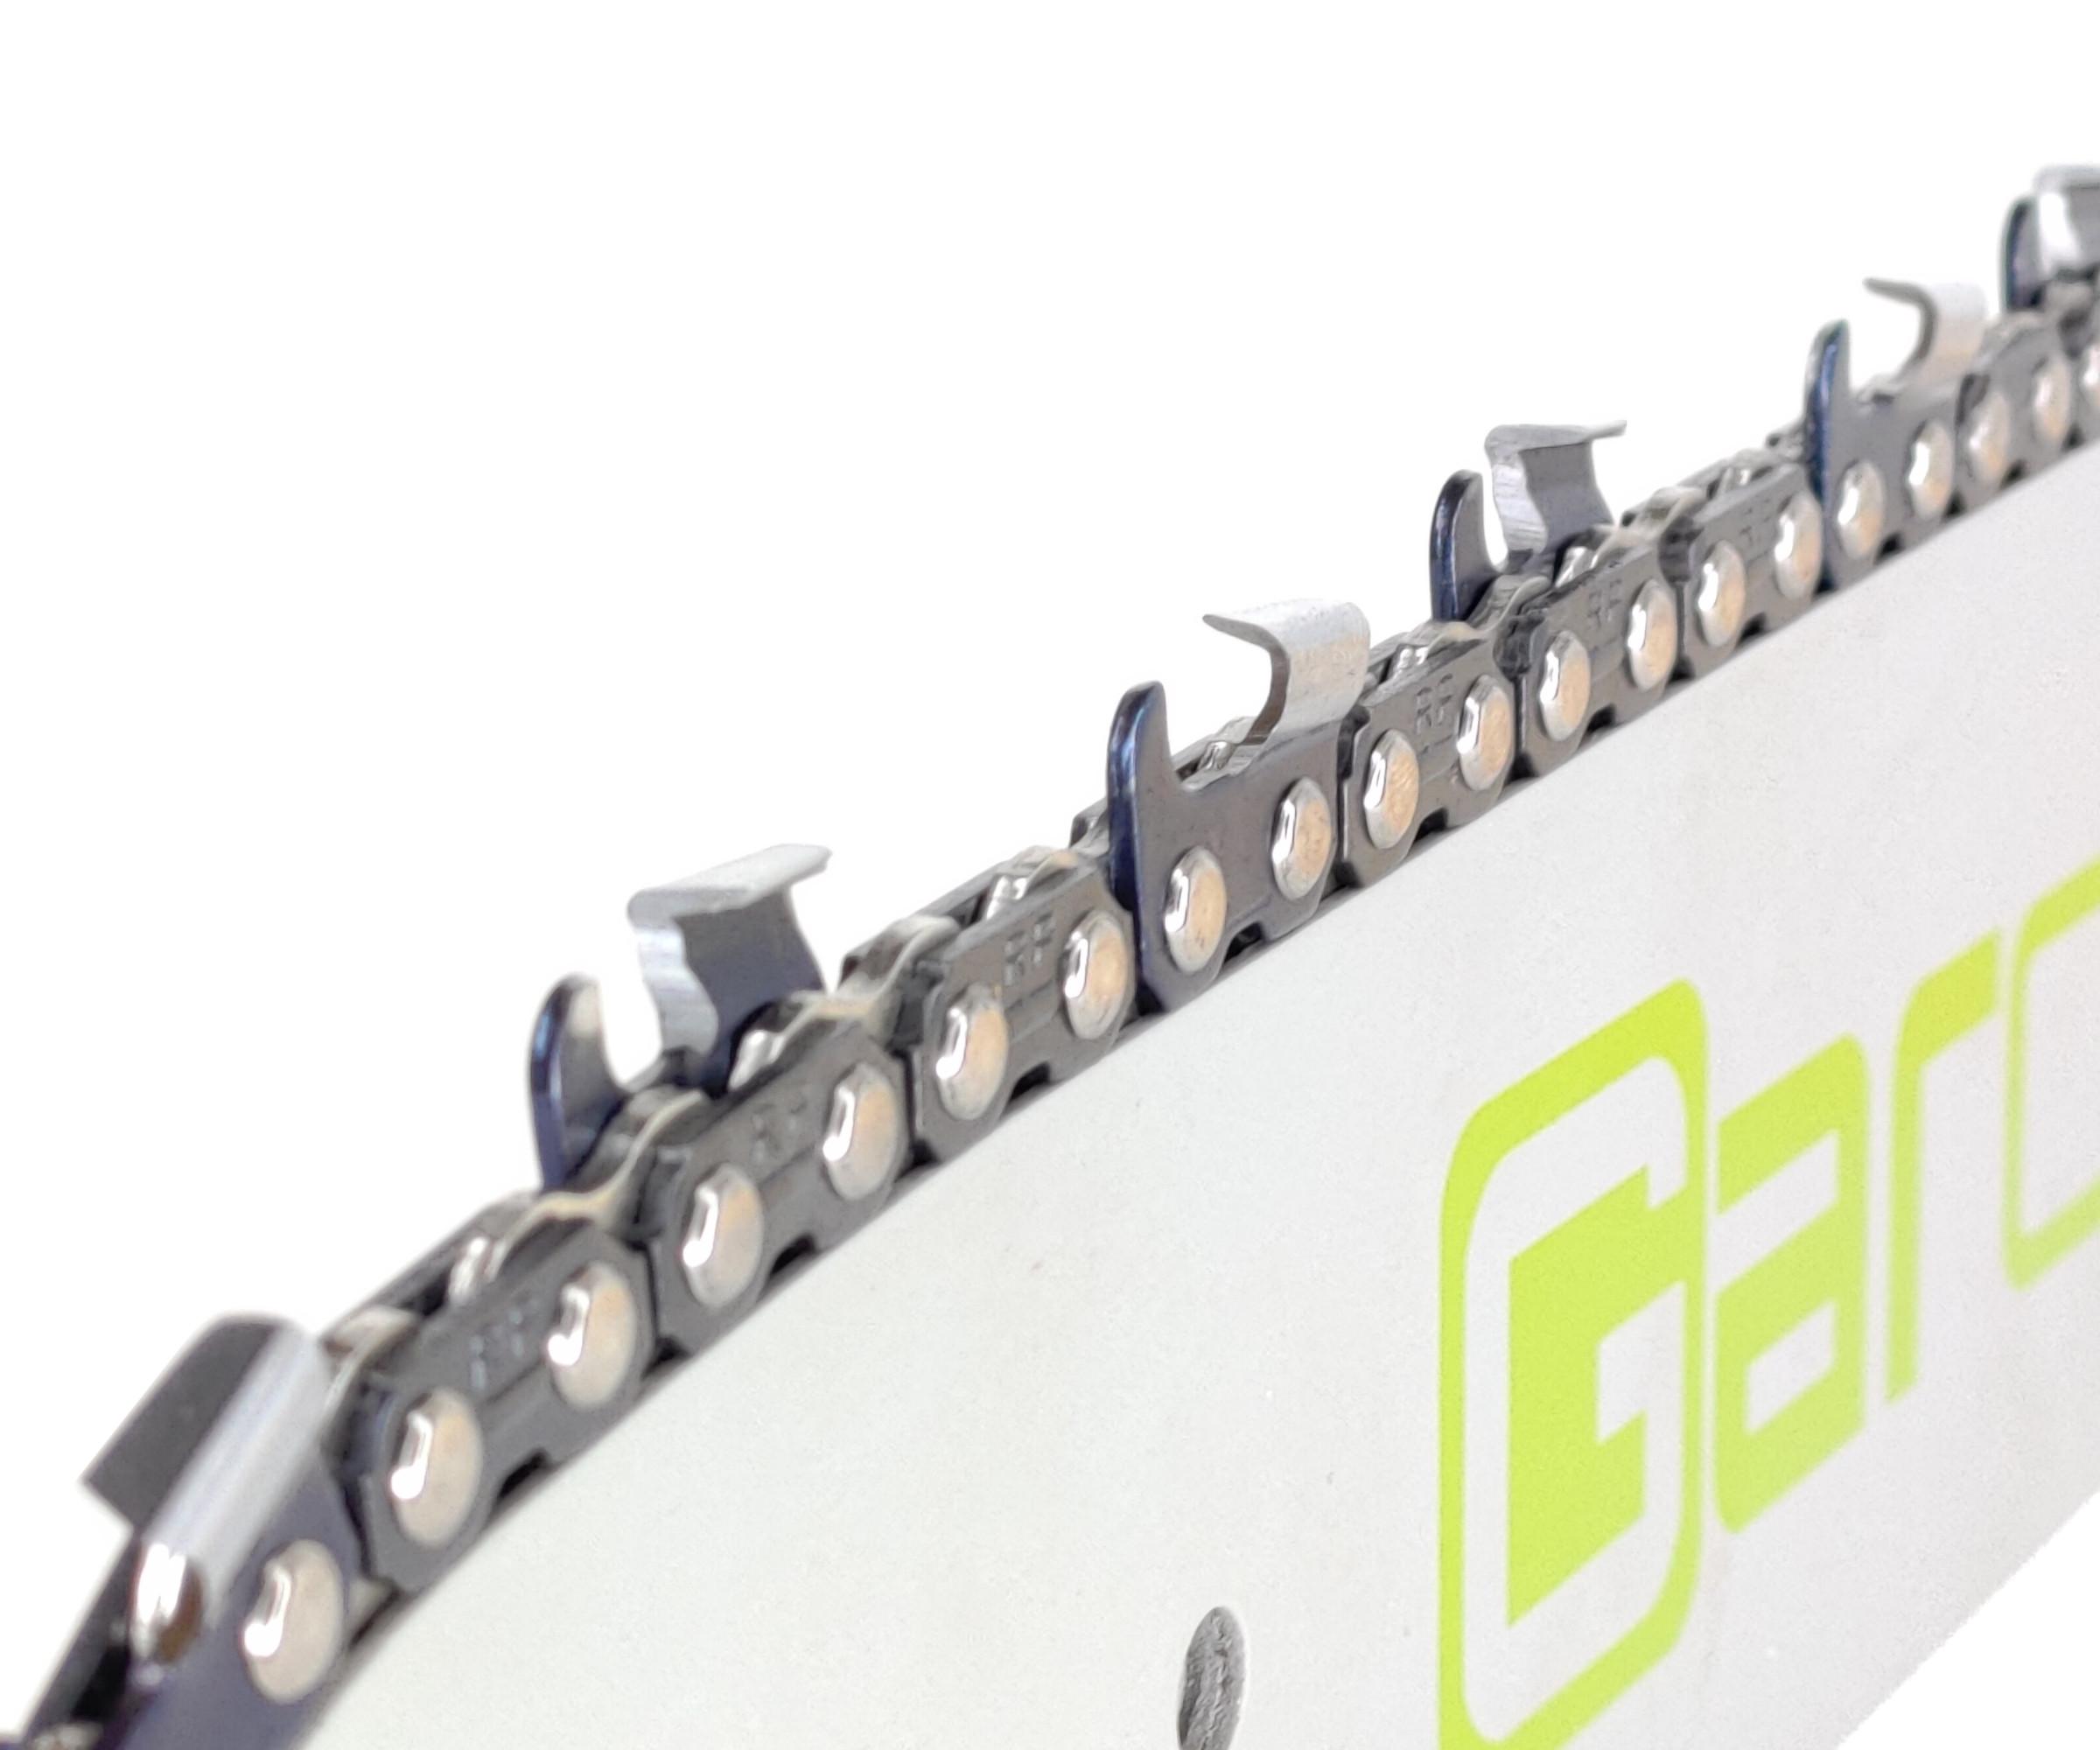 90PX033 f/ür 90SG033E 90SG033X 33 Treibglieder gardexx S/ägekette 3//8-1,1mm